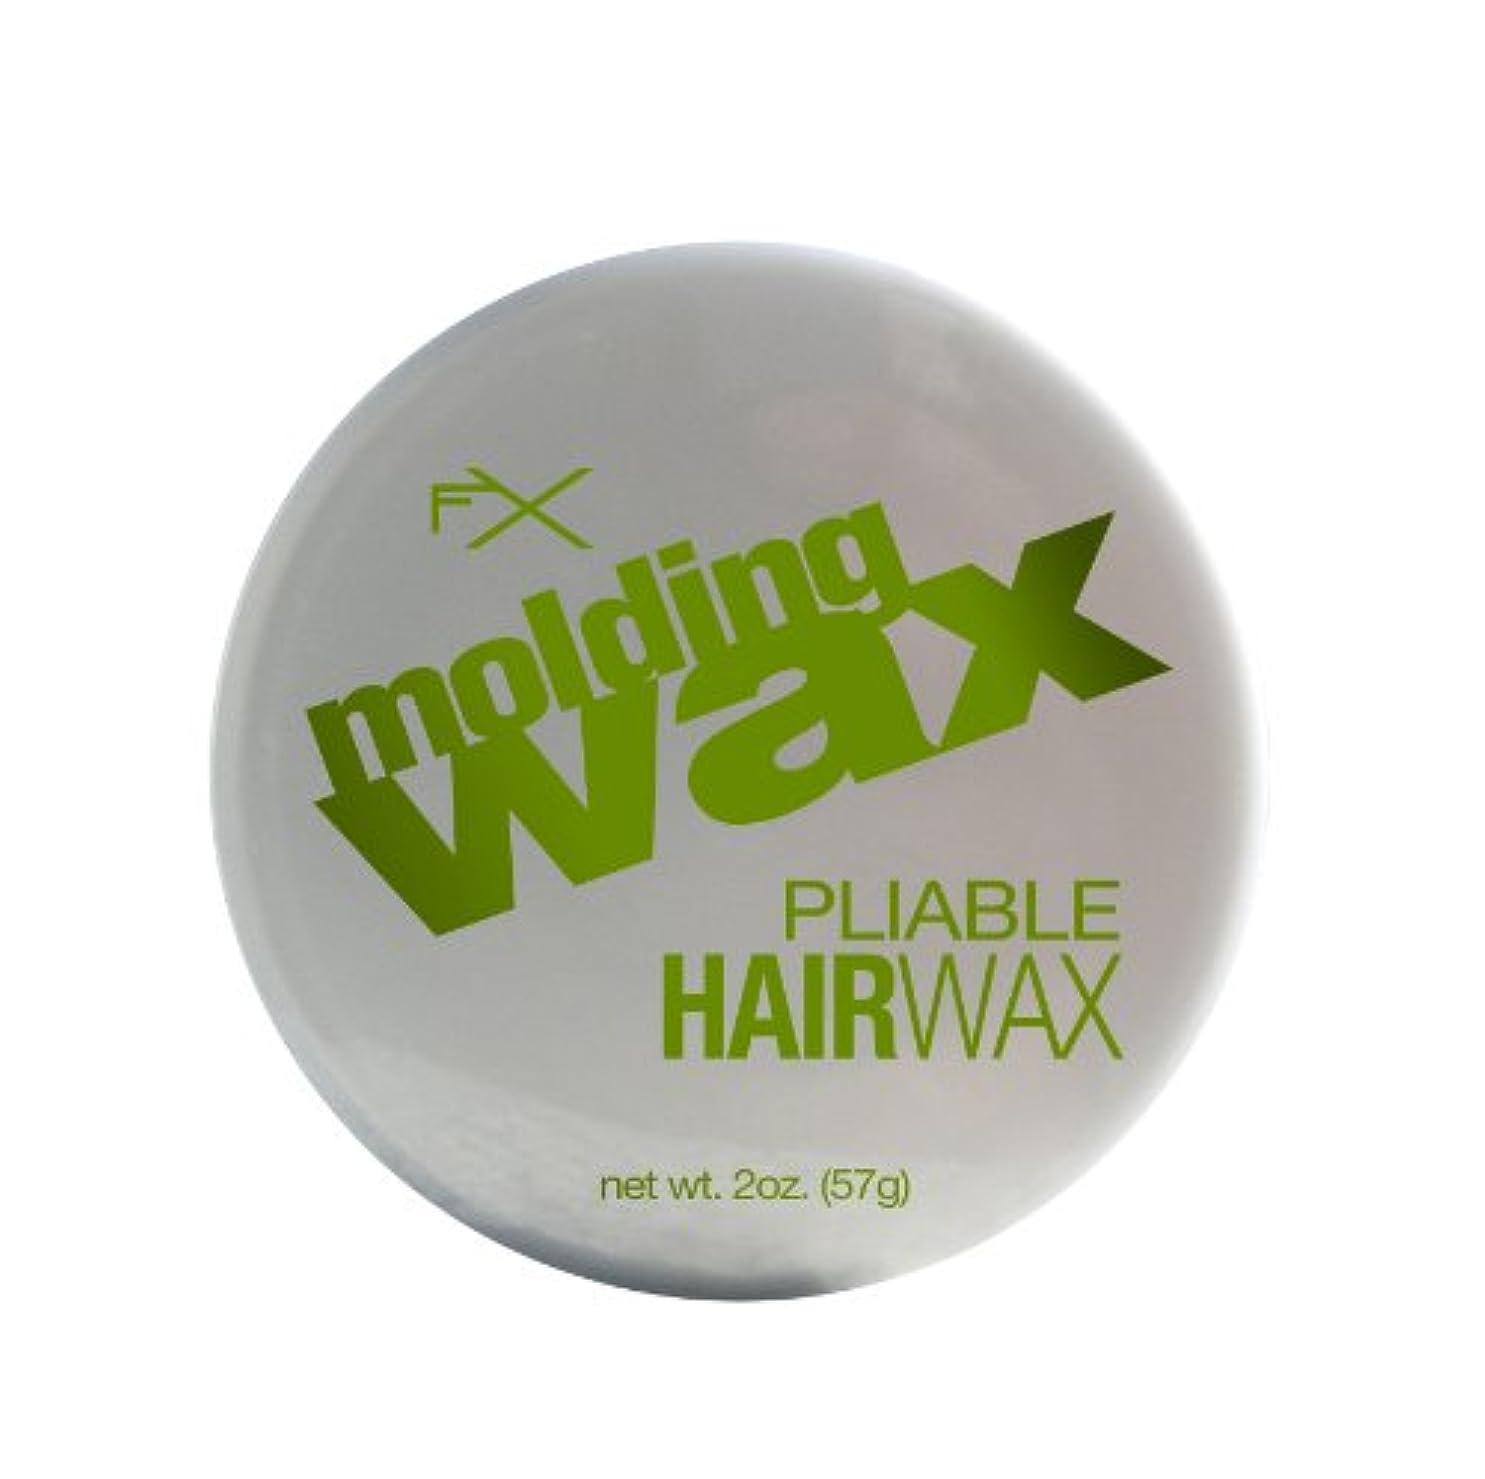 バーベキュー広がり流星しっかりスタイルヘアワックス 59ml (並行輸入品)